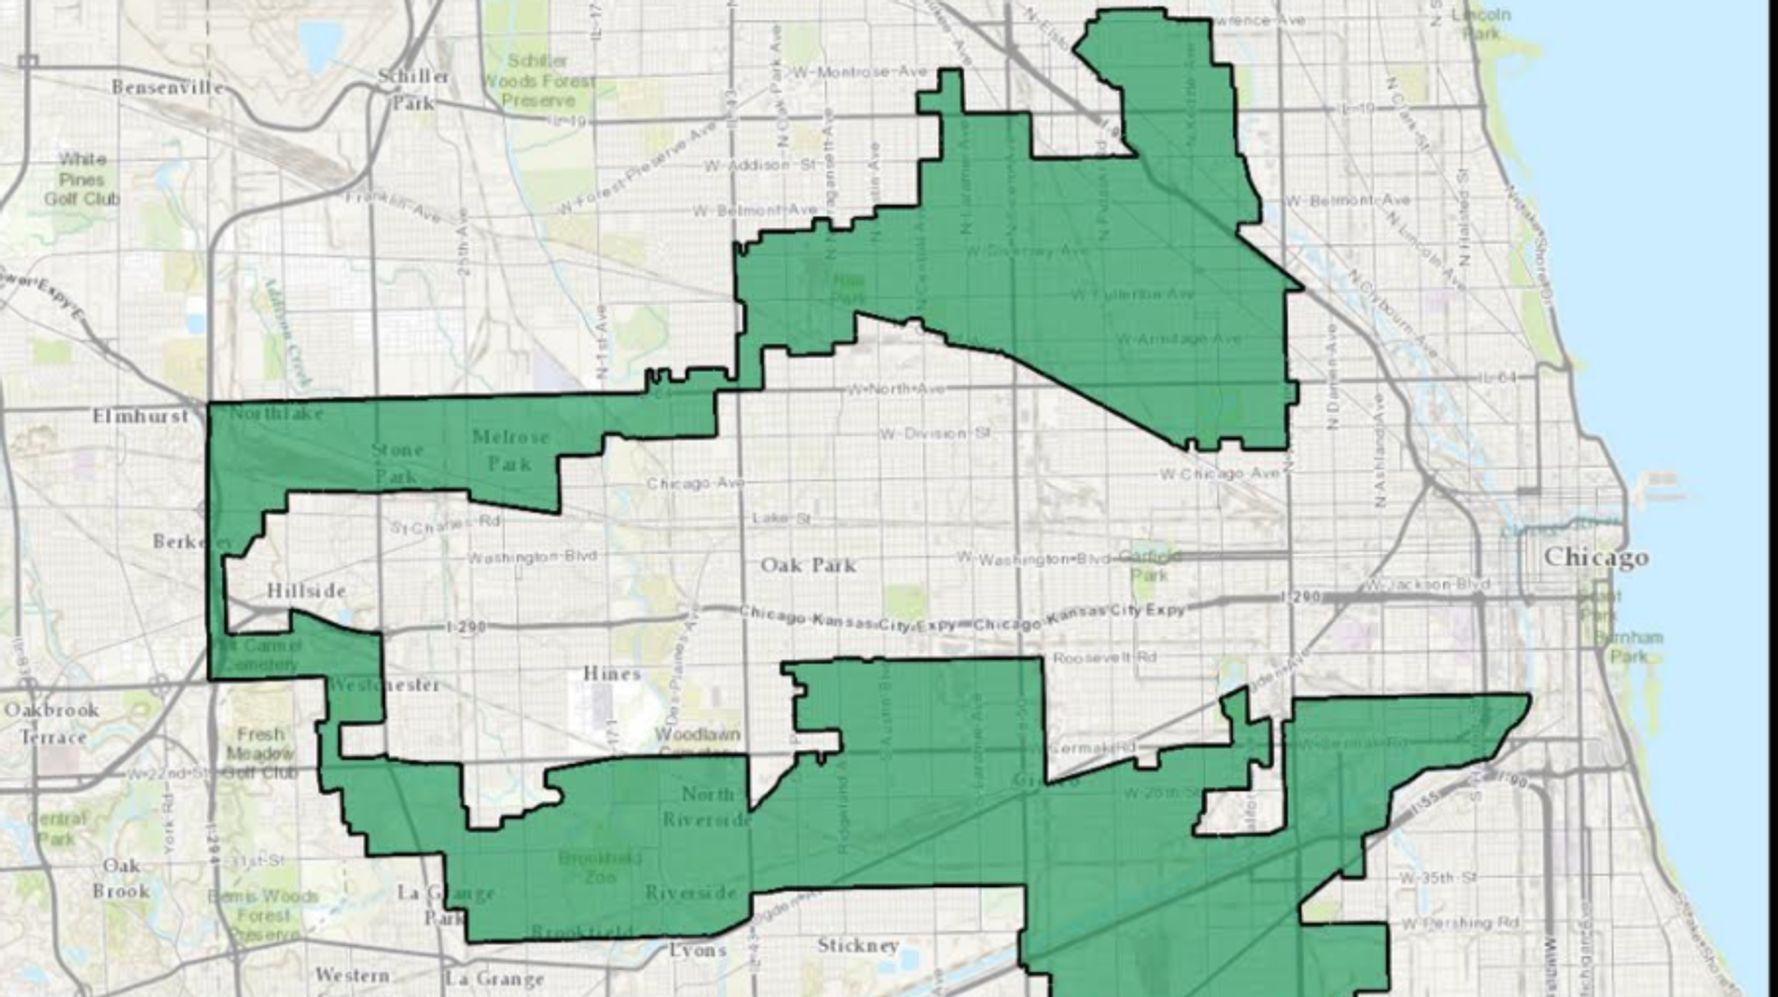 Illinois Electoral Map on illinois congressional map, illinois elevation map, illinois geographical map, illinois zoning map, illinois legislative map, illinois water map, illinois demographic map, illinois legislation map, illinois college map, illinois economy map, illinois voting map, illinois crime map,